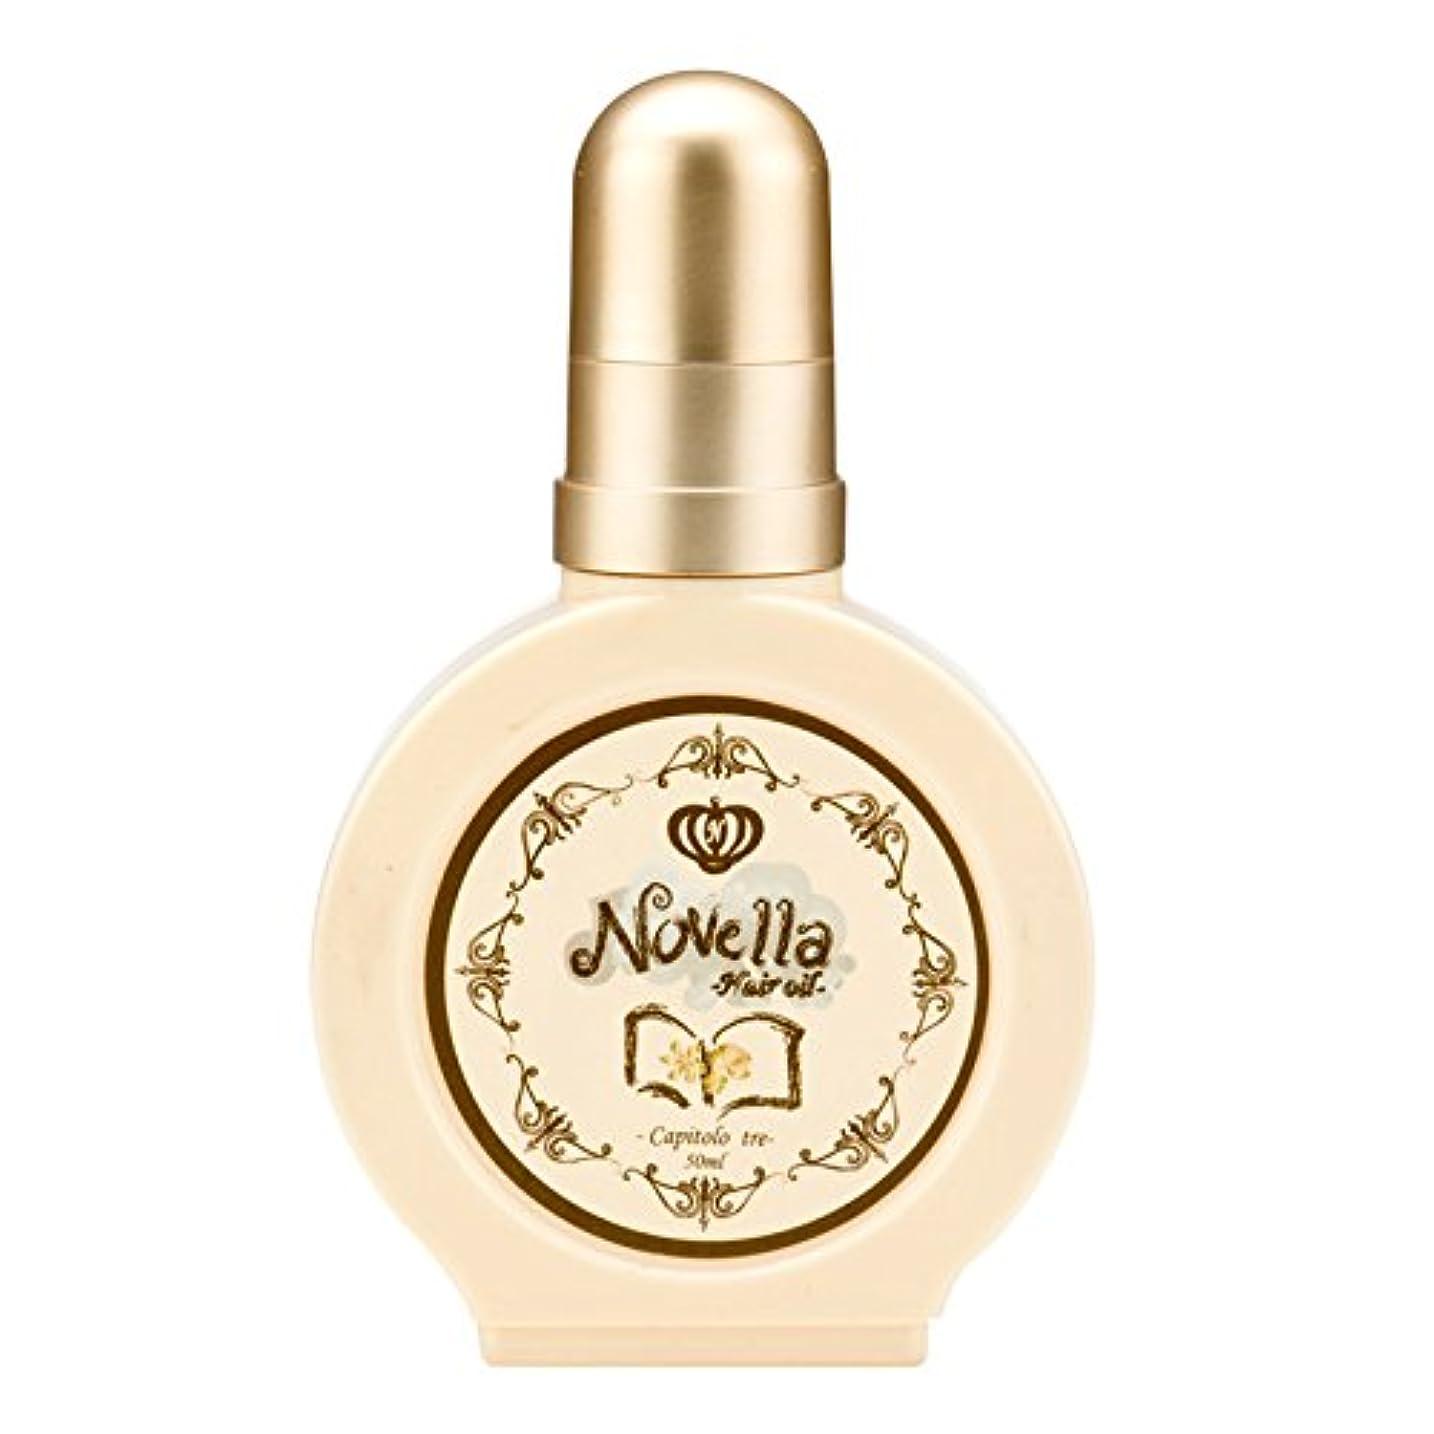 書き出す変化臭いNOVELLA(ノヴェラ)フレグランス ヘアオイル(洗い流さないトリートメント)トレ(フローラルの香り)50mL